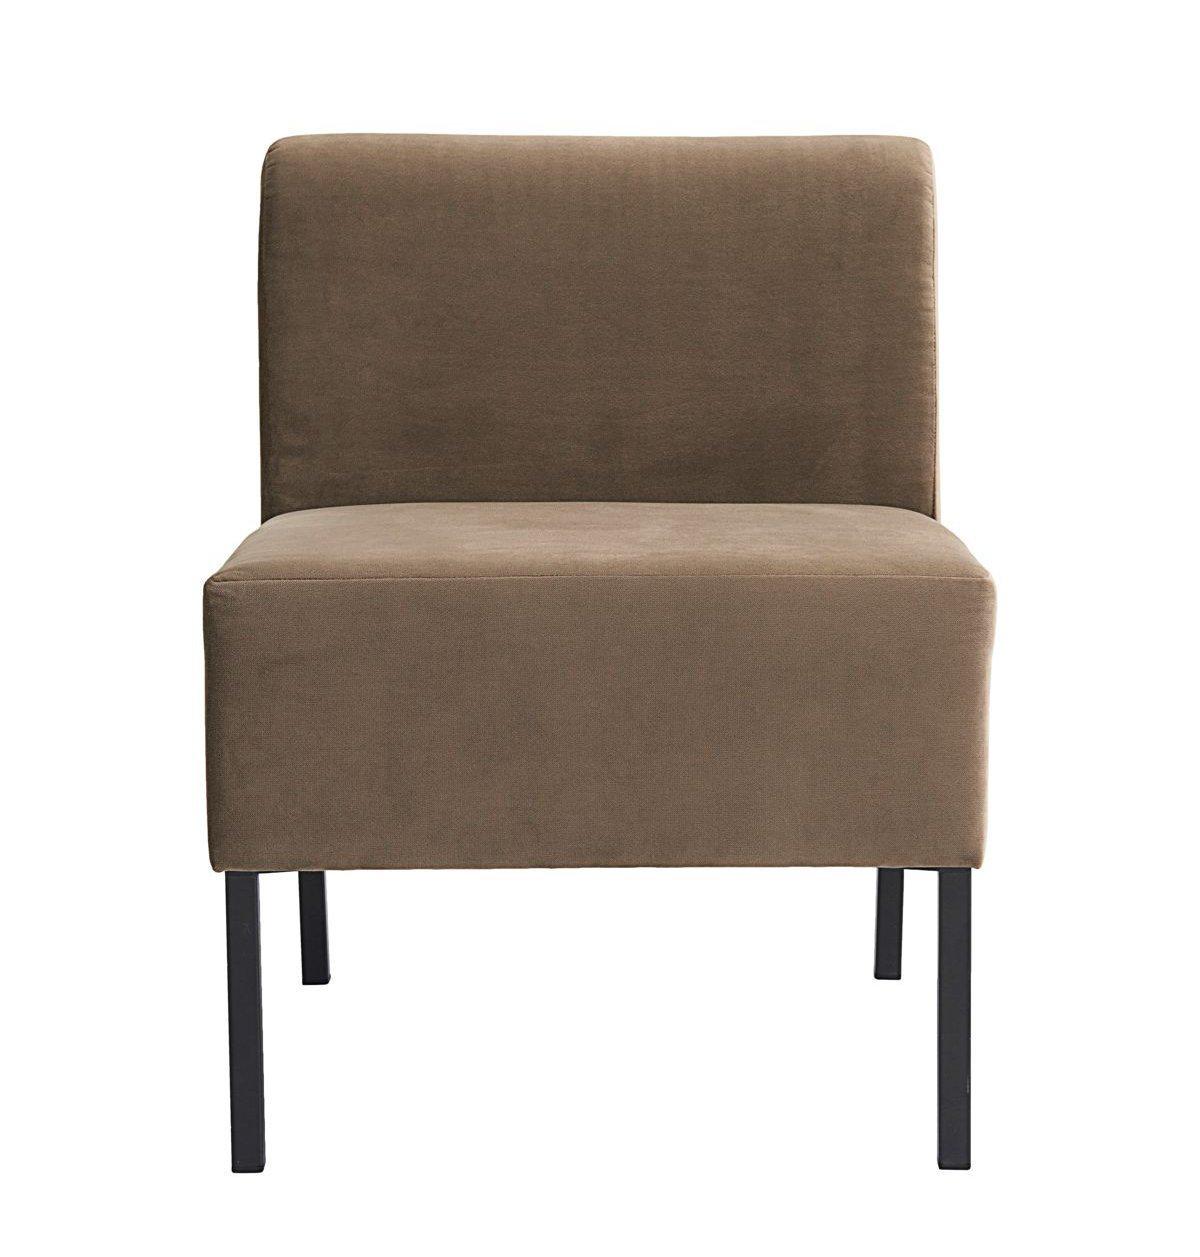 Full Size of Esszimmer Couch Ikea Grau Sofa 3 Sitzer Sofabank Samt Vintage Kchensofa L Form Tom Tailor Vitra 2er Lagerverkauf Arten Mit Verstellbarer Sitztiefe Xxxl Sofa Esszimmer Sofa